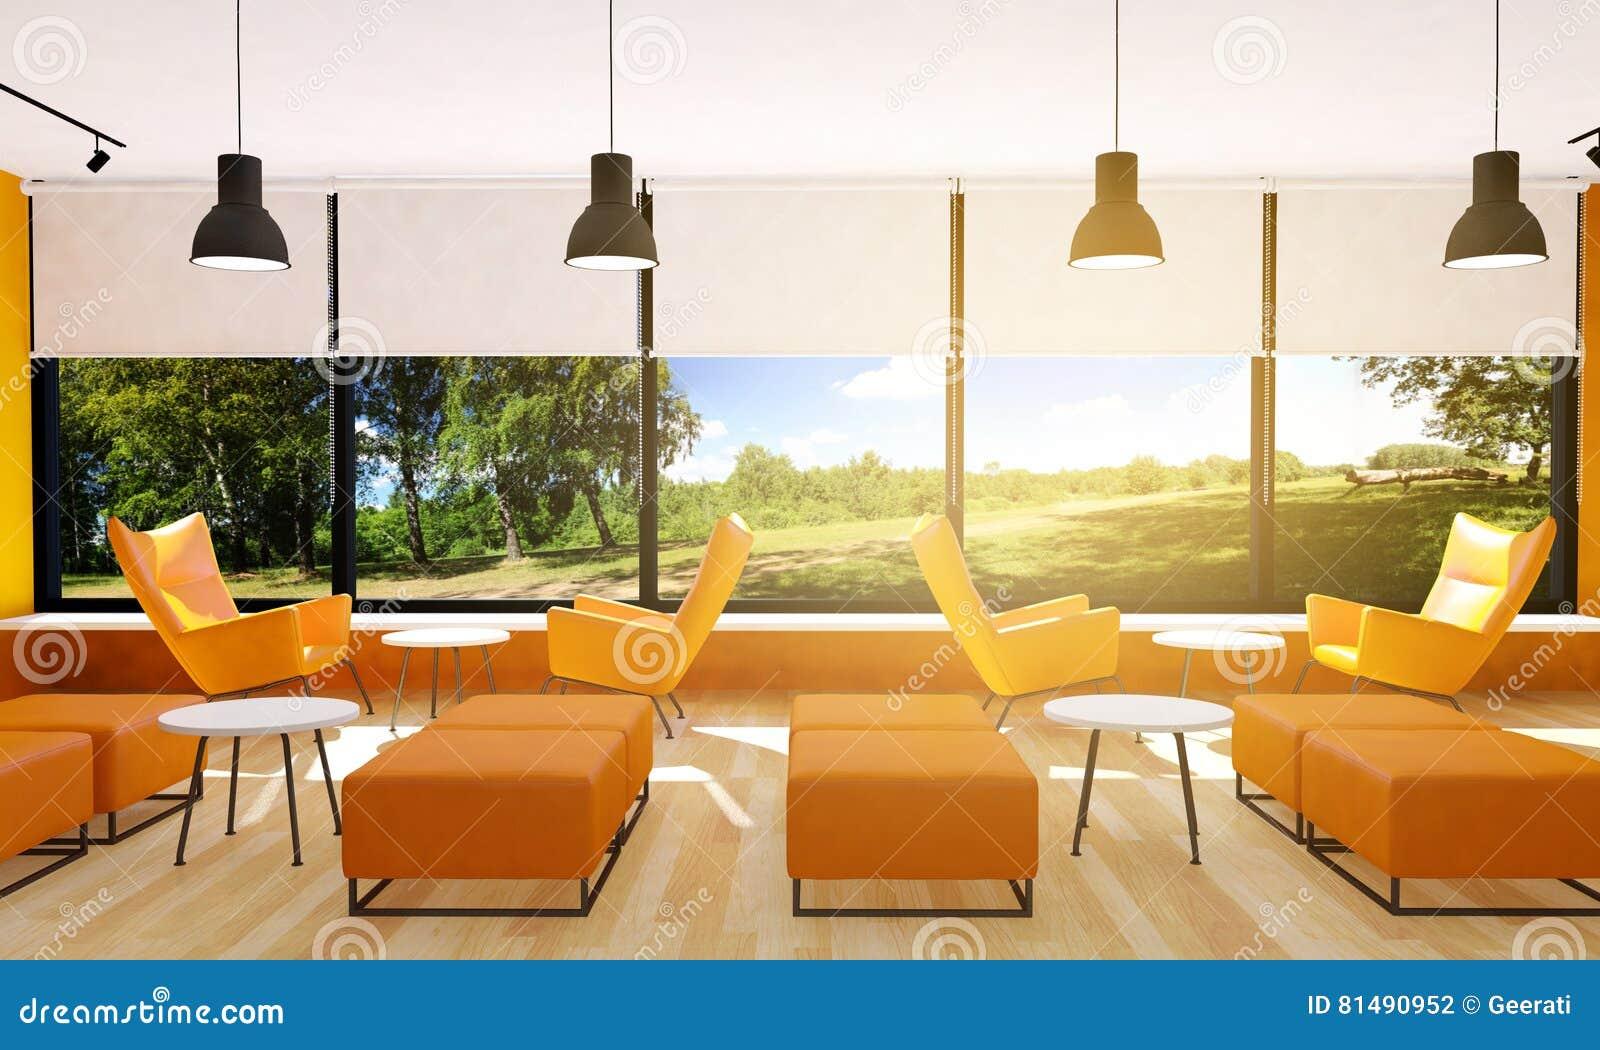 Seating in modern restaurant interior